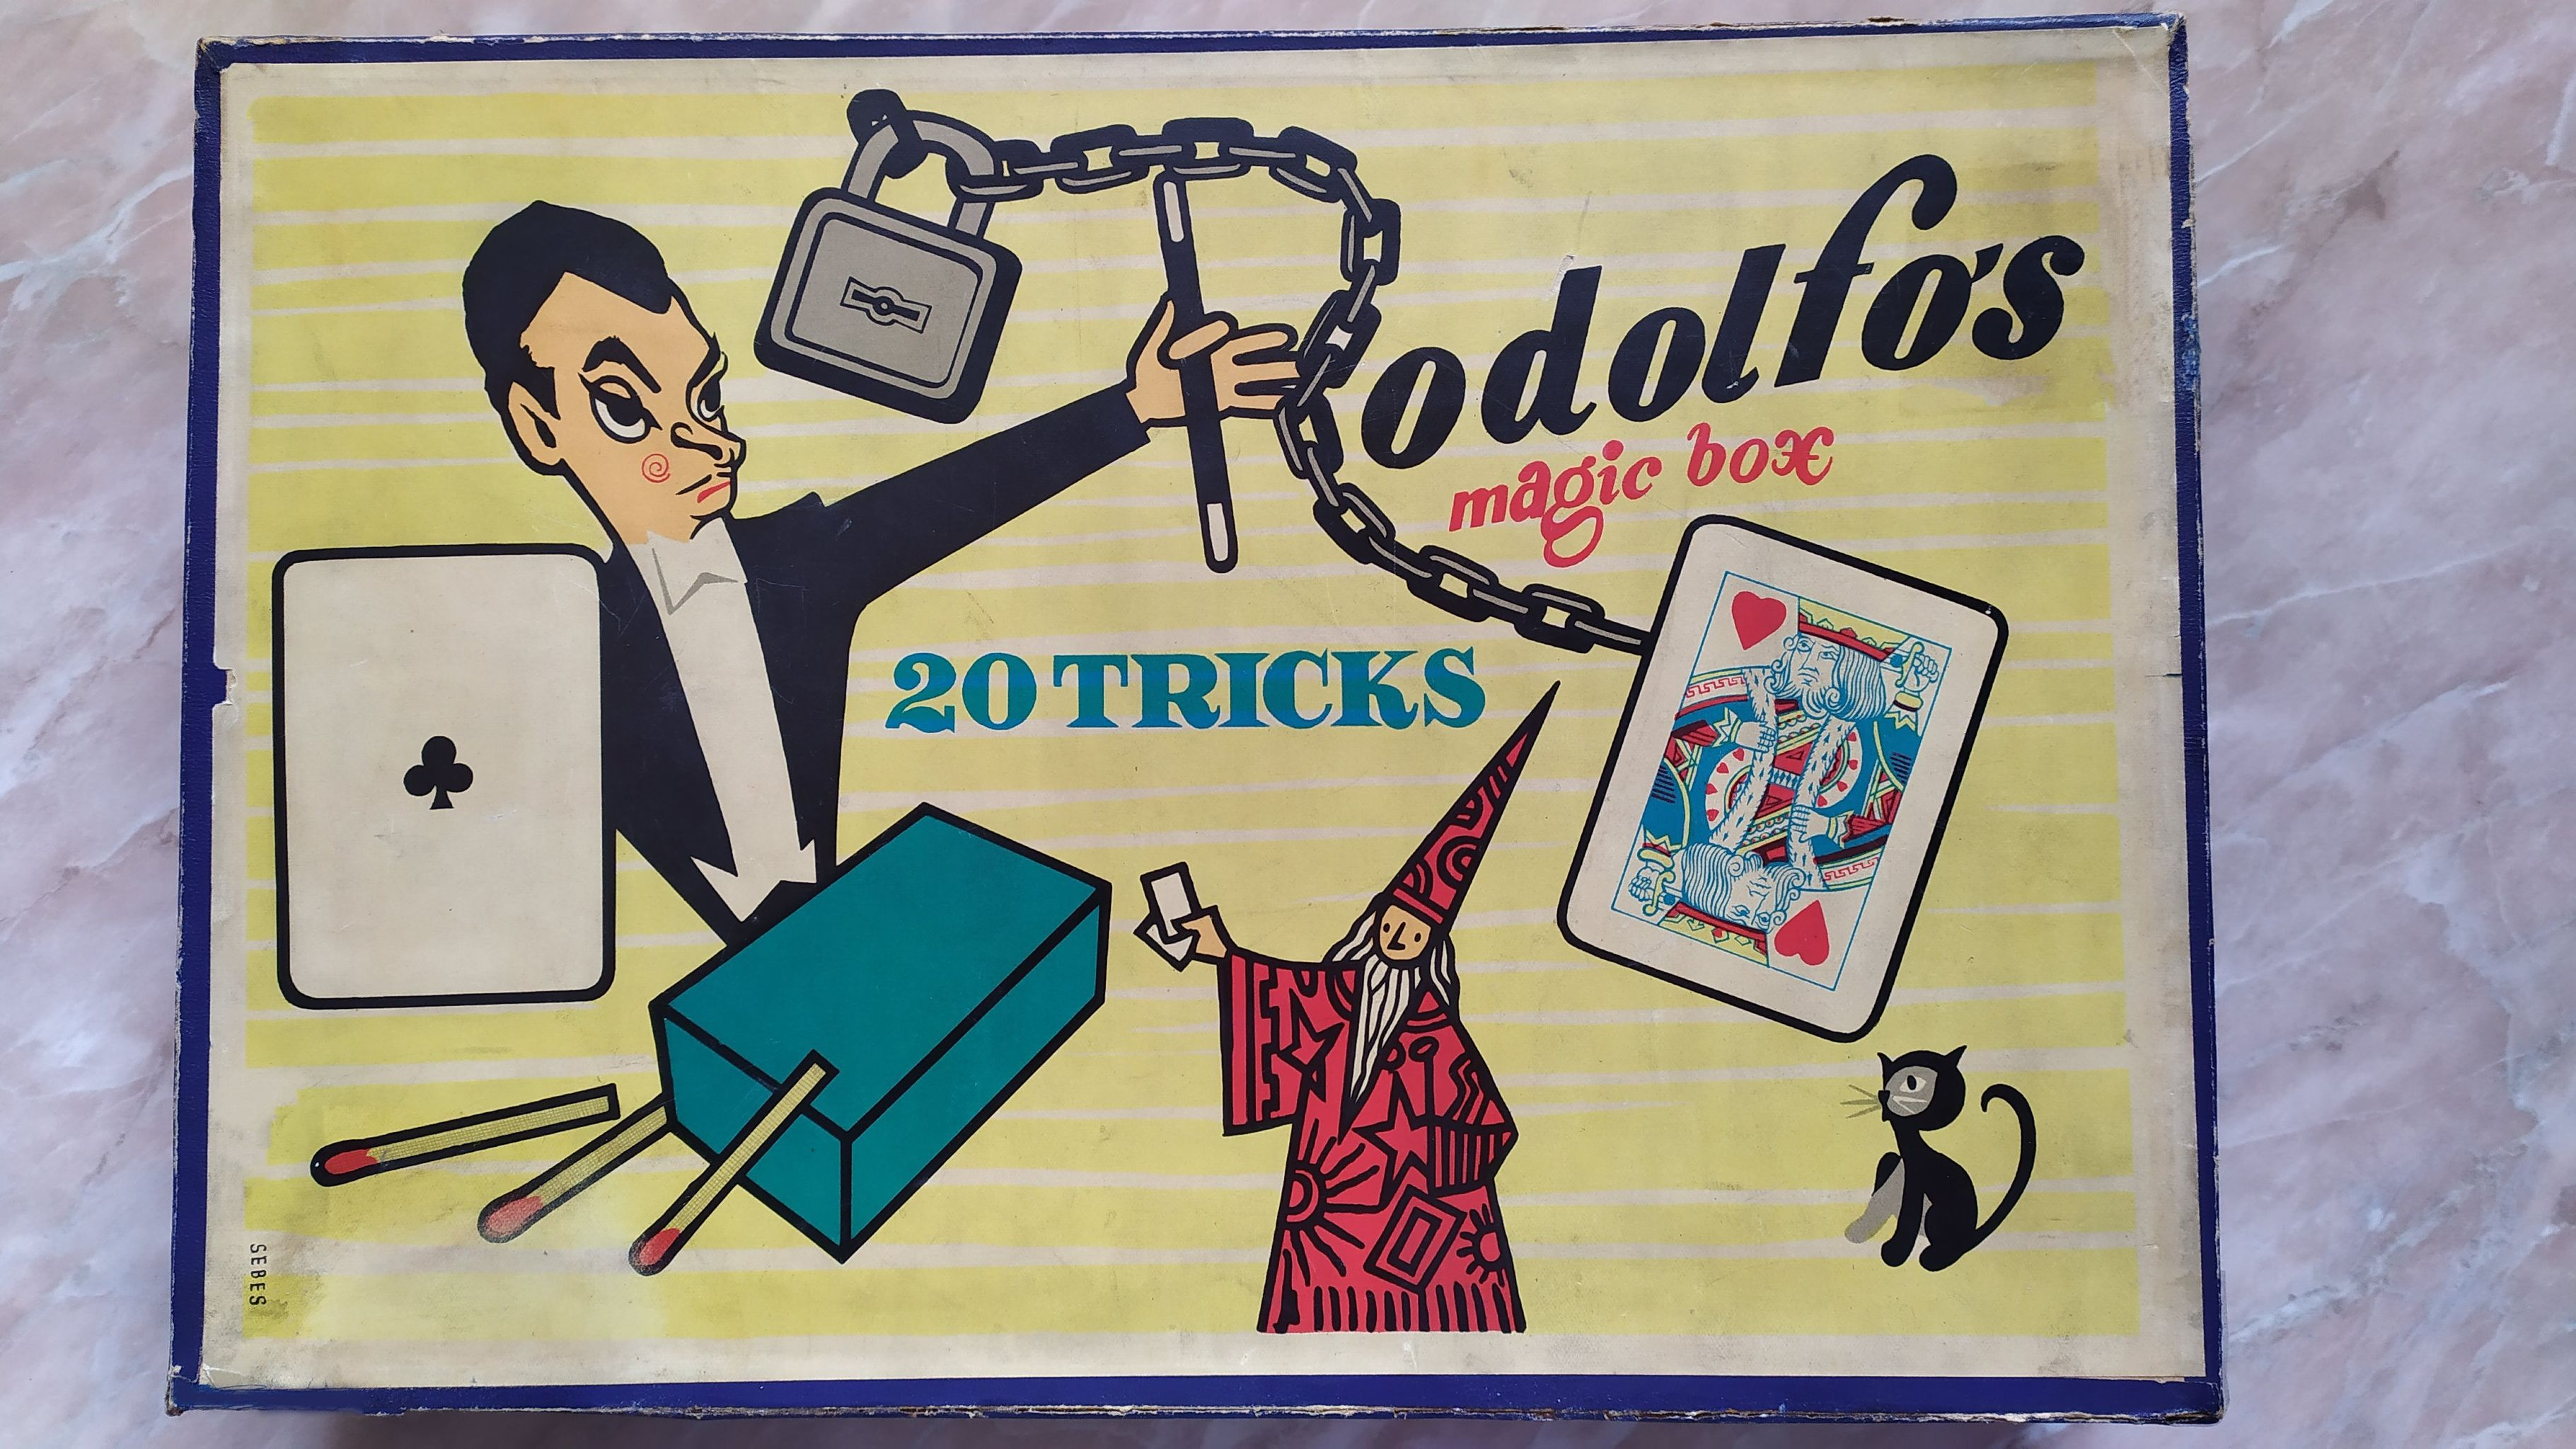 rodolfos_magic_box.jpg